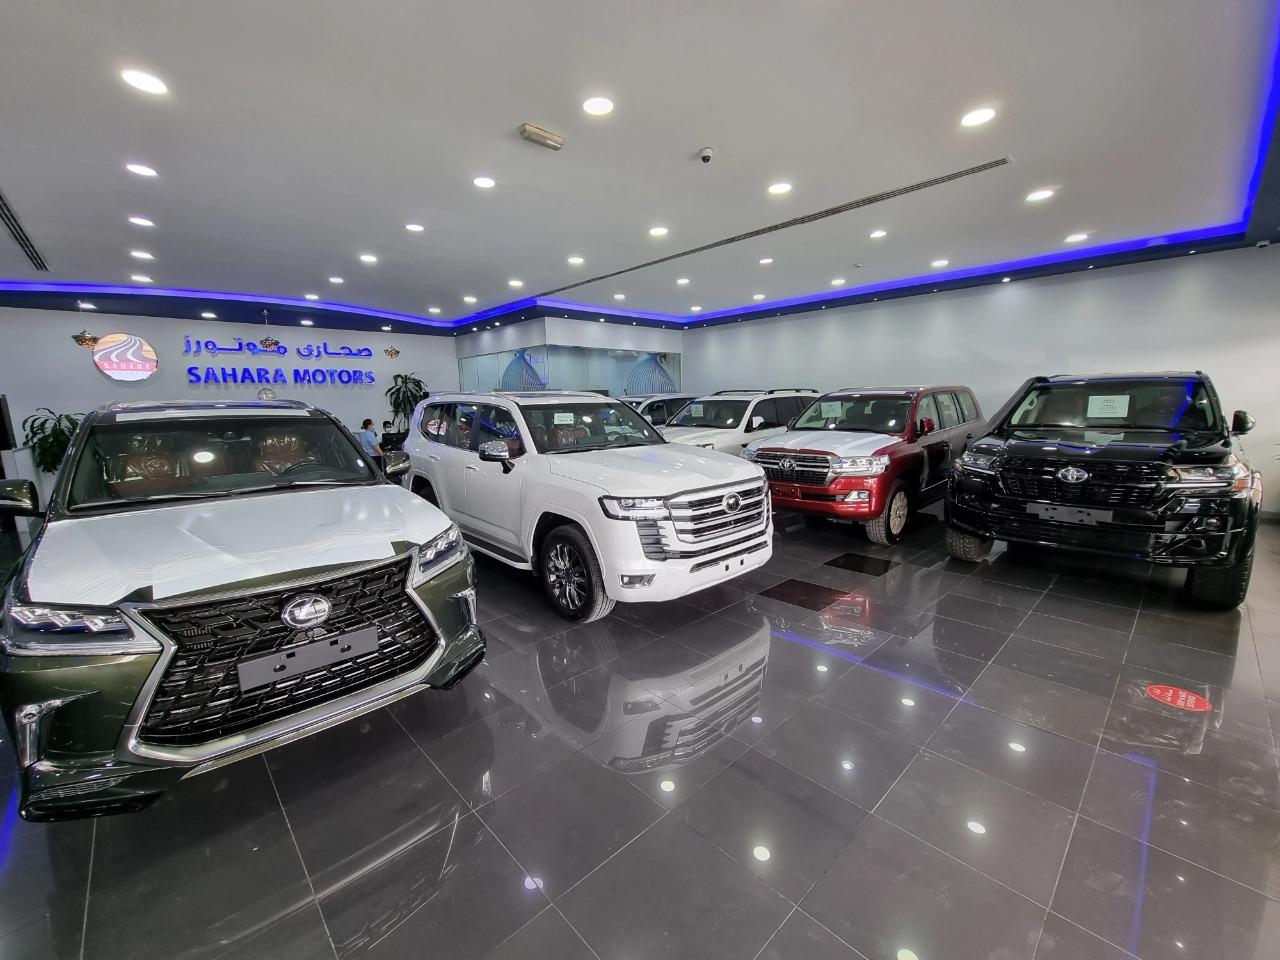 sahara motors showroom 3